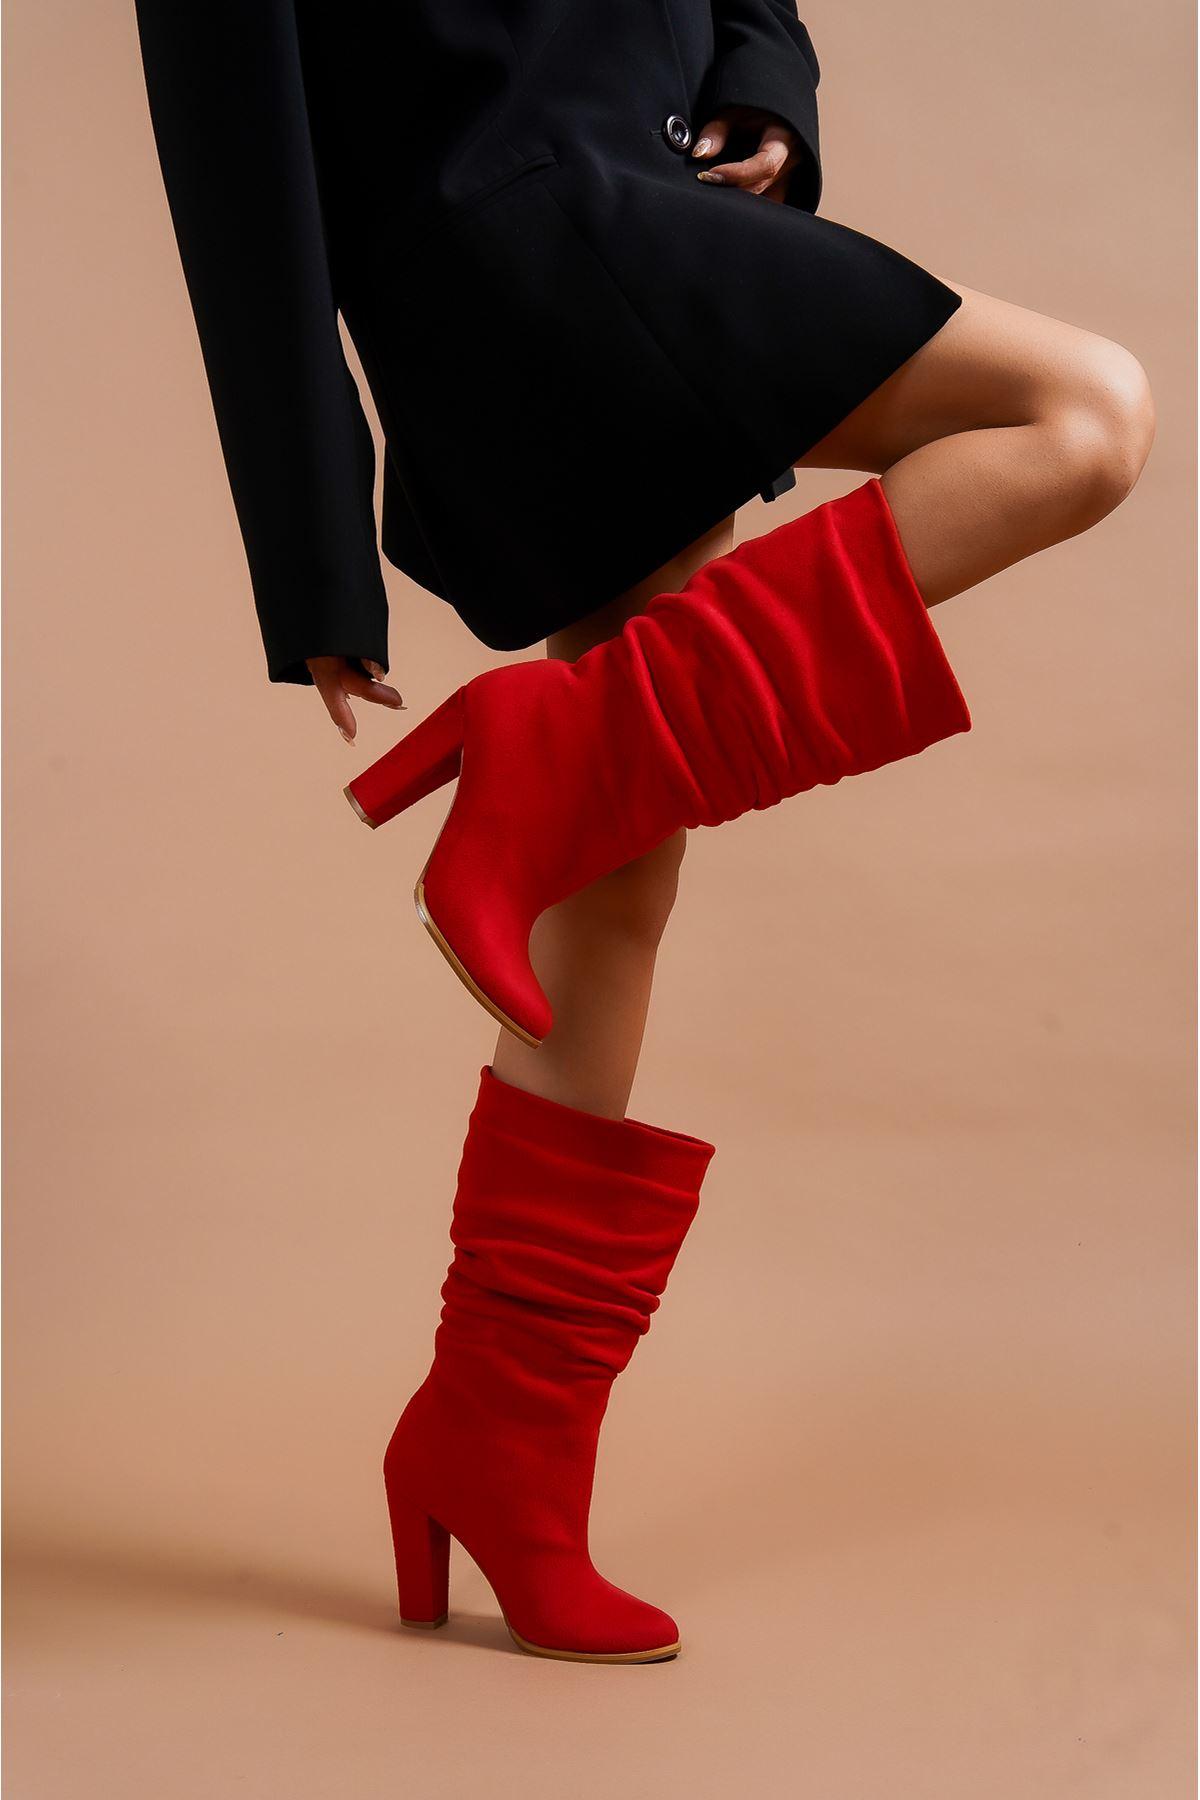 Kalde Kırmızı Süet Körüklü Kısa Kadın Kadın Çizme